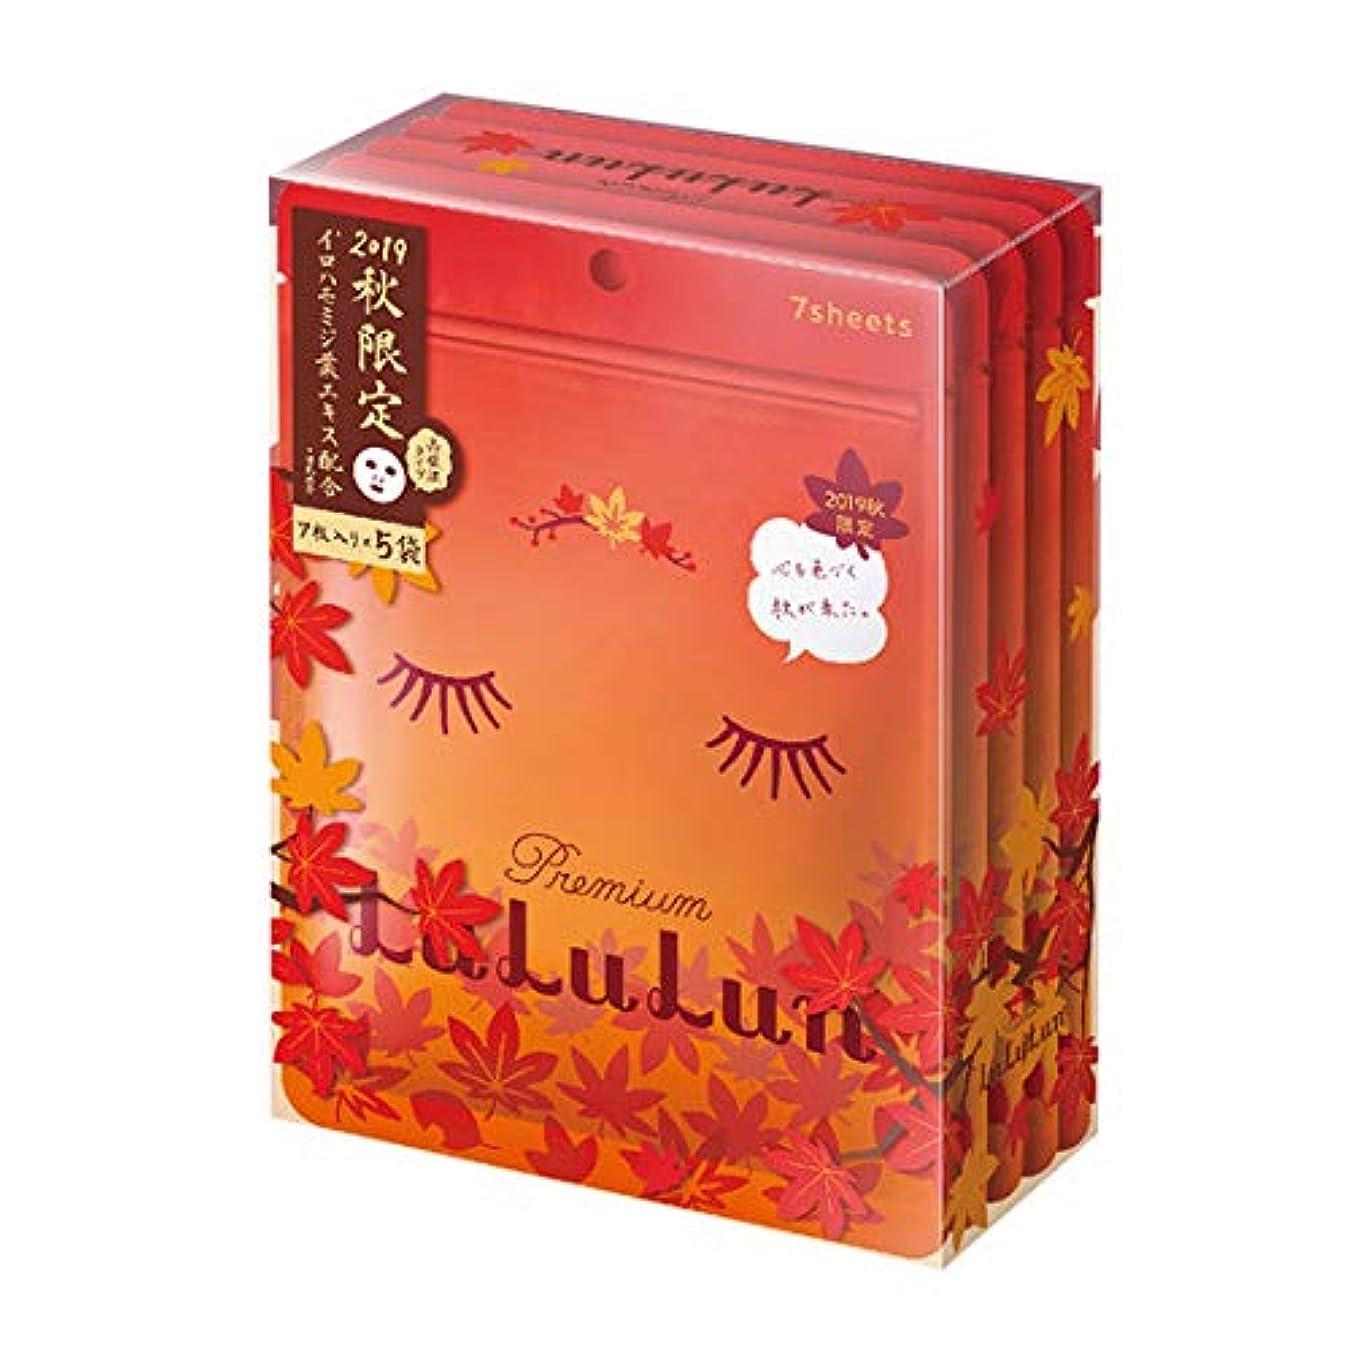 黙認する意図タイピスト秋 限定 紅葉 プレミアム ルルルン 7枚入り × 5袋